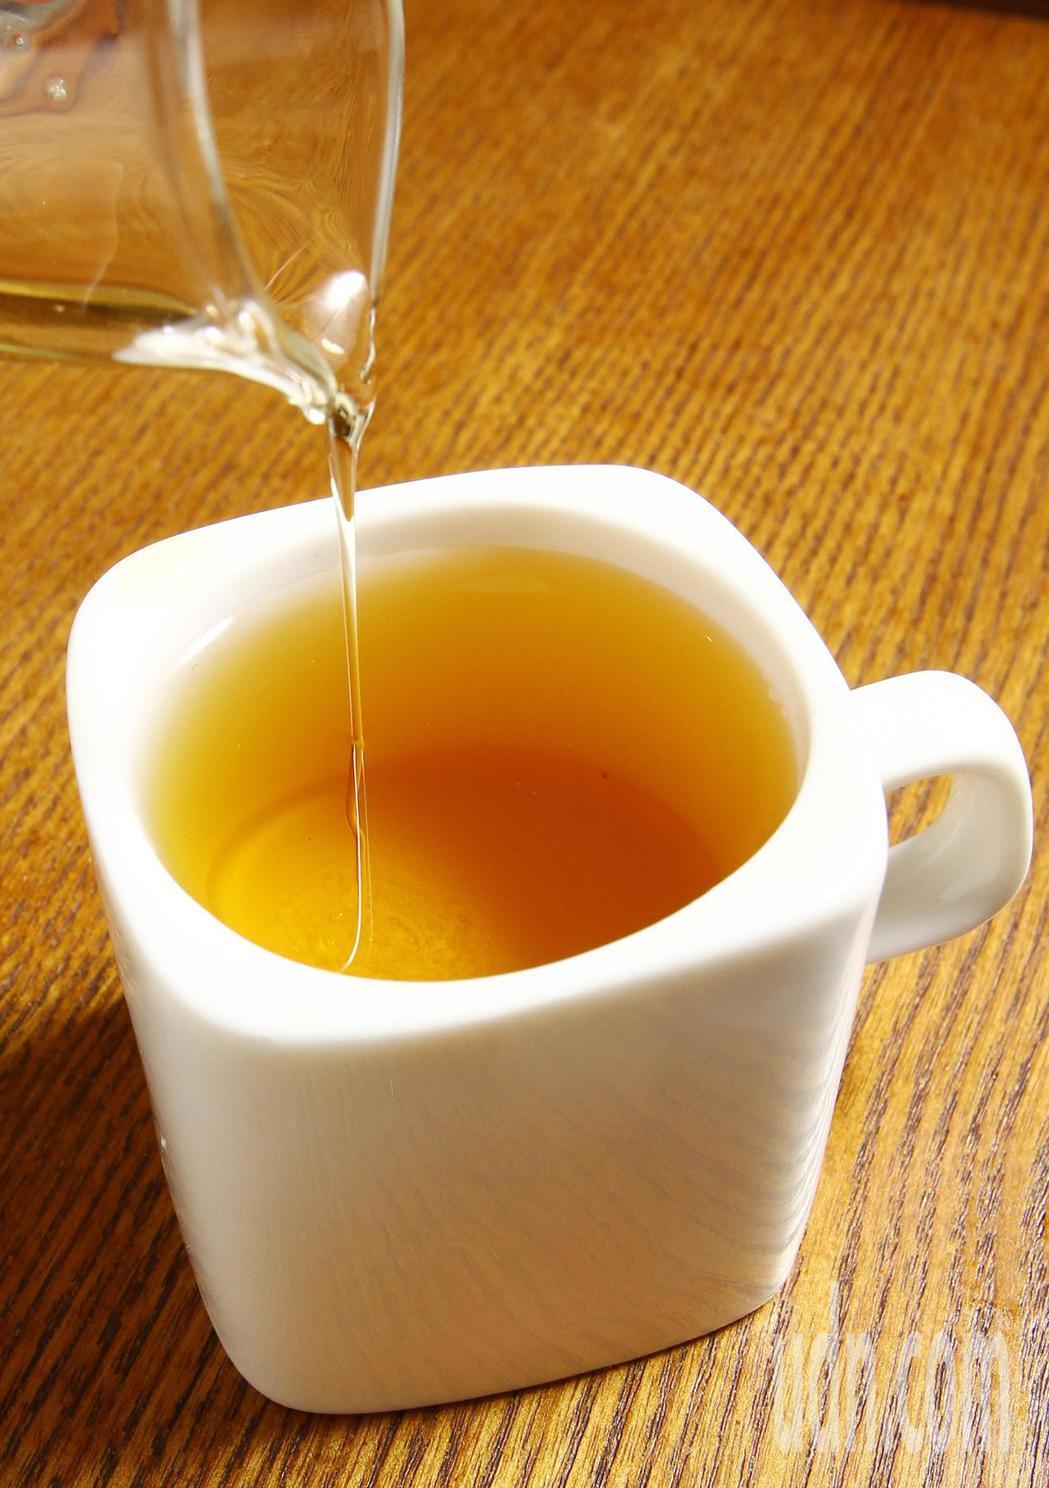 從台灣常見的茶飲分析兒茶素的含量,綠茶屬於未發酵兒茶素最多。本報資料照片